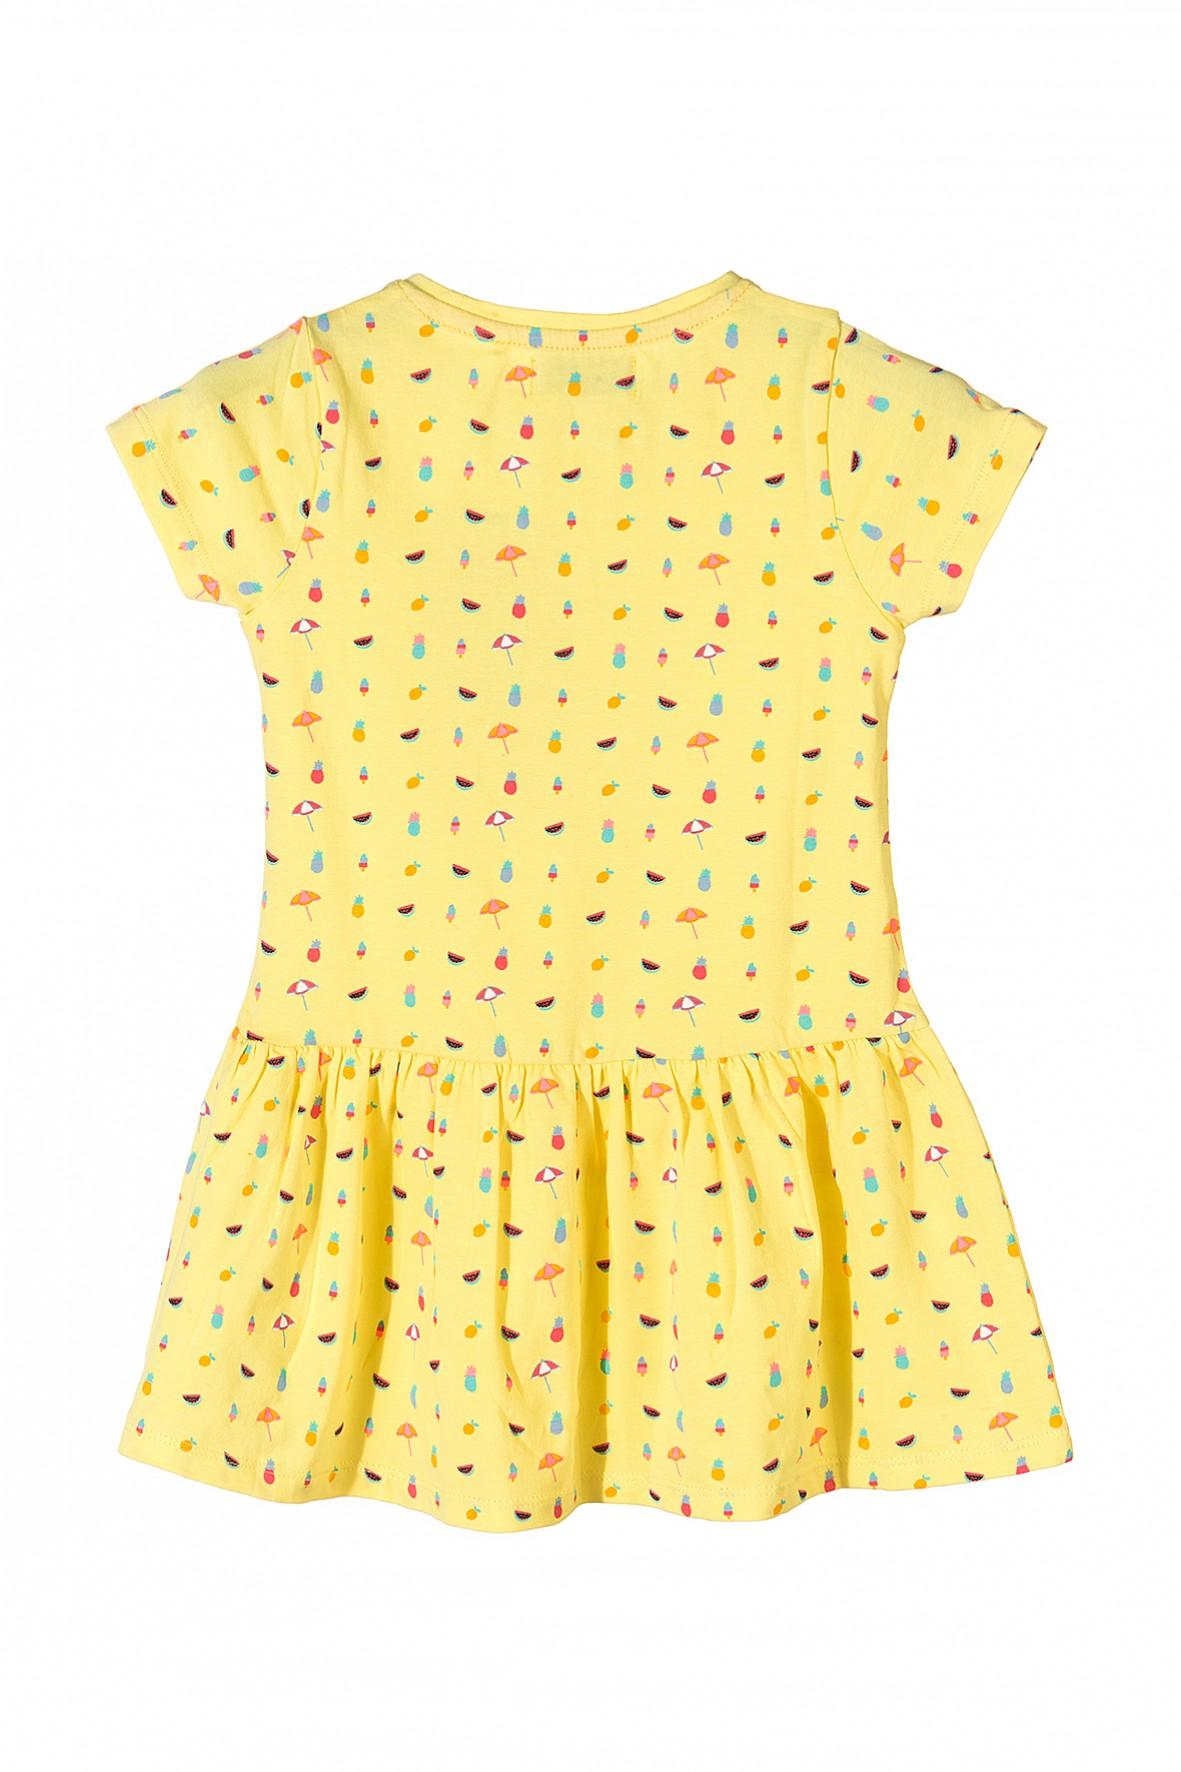 afaf45ce71 Żółta sportowa sukienka dla dziewczynki w rozmiarach 92-128